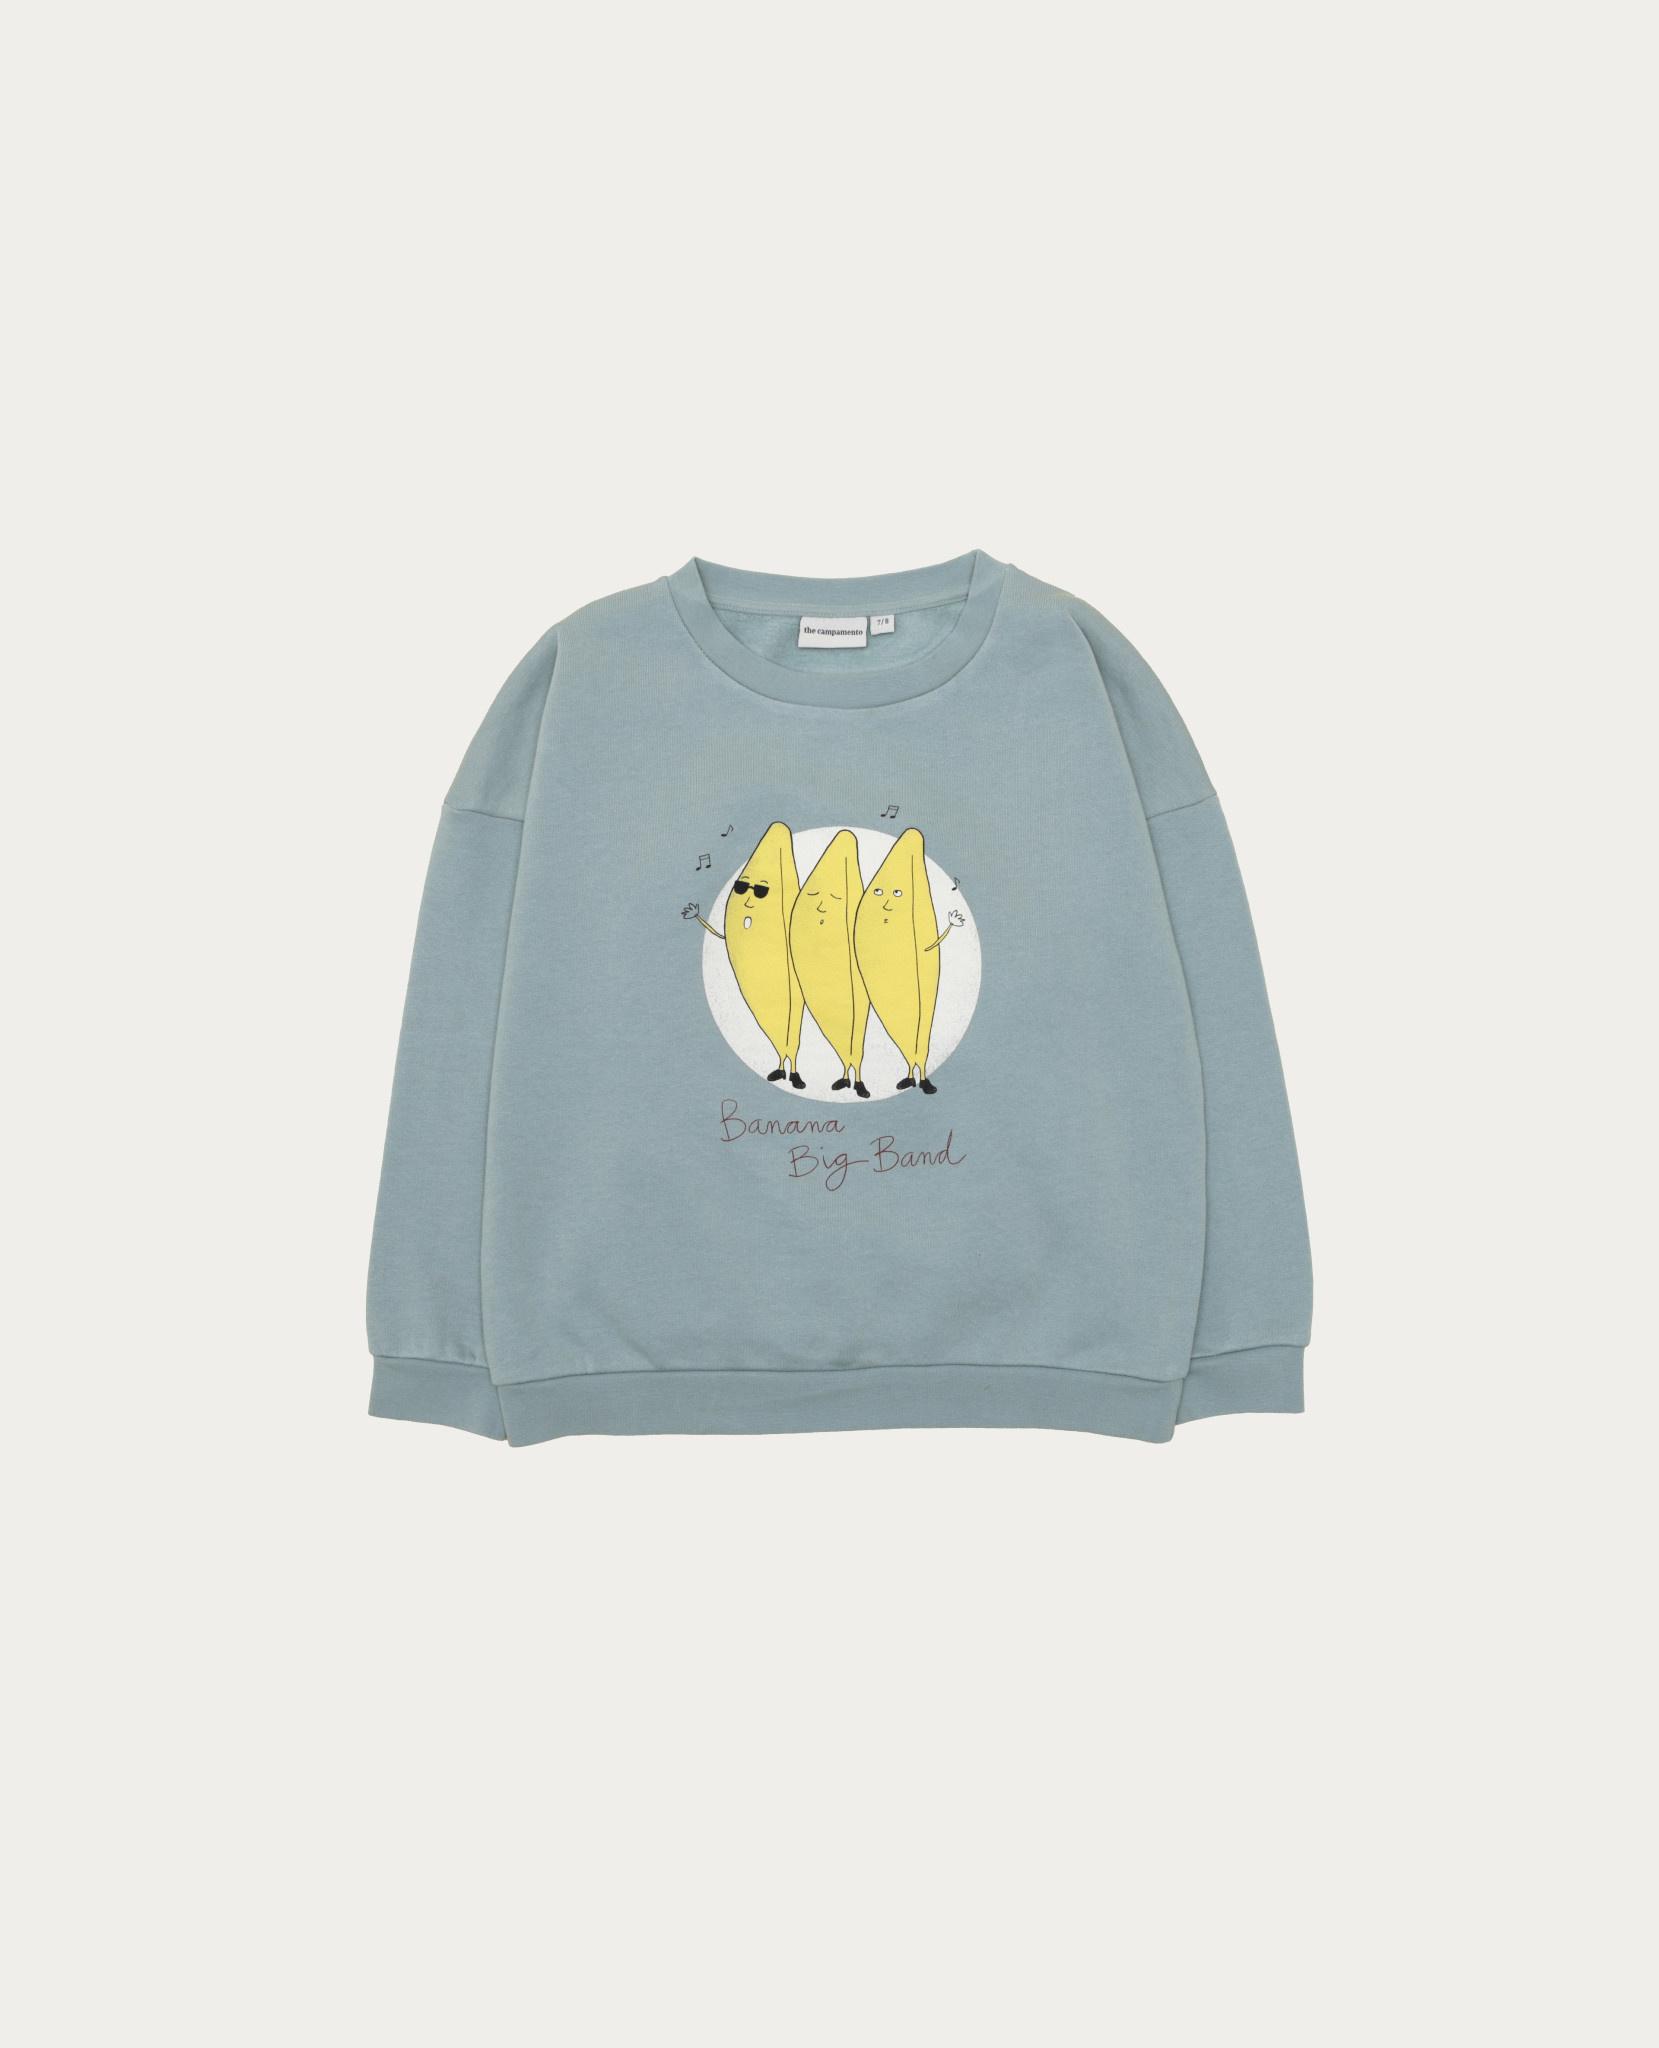 Bandana big band sweatshirt-1